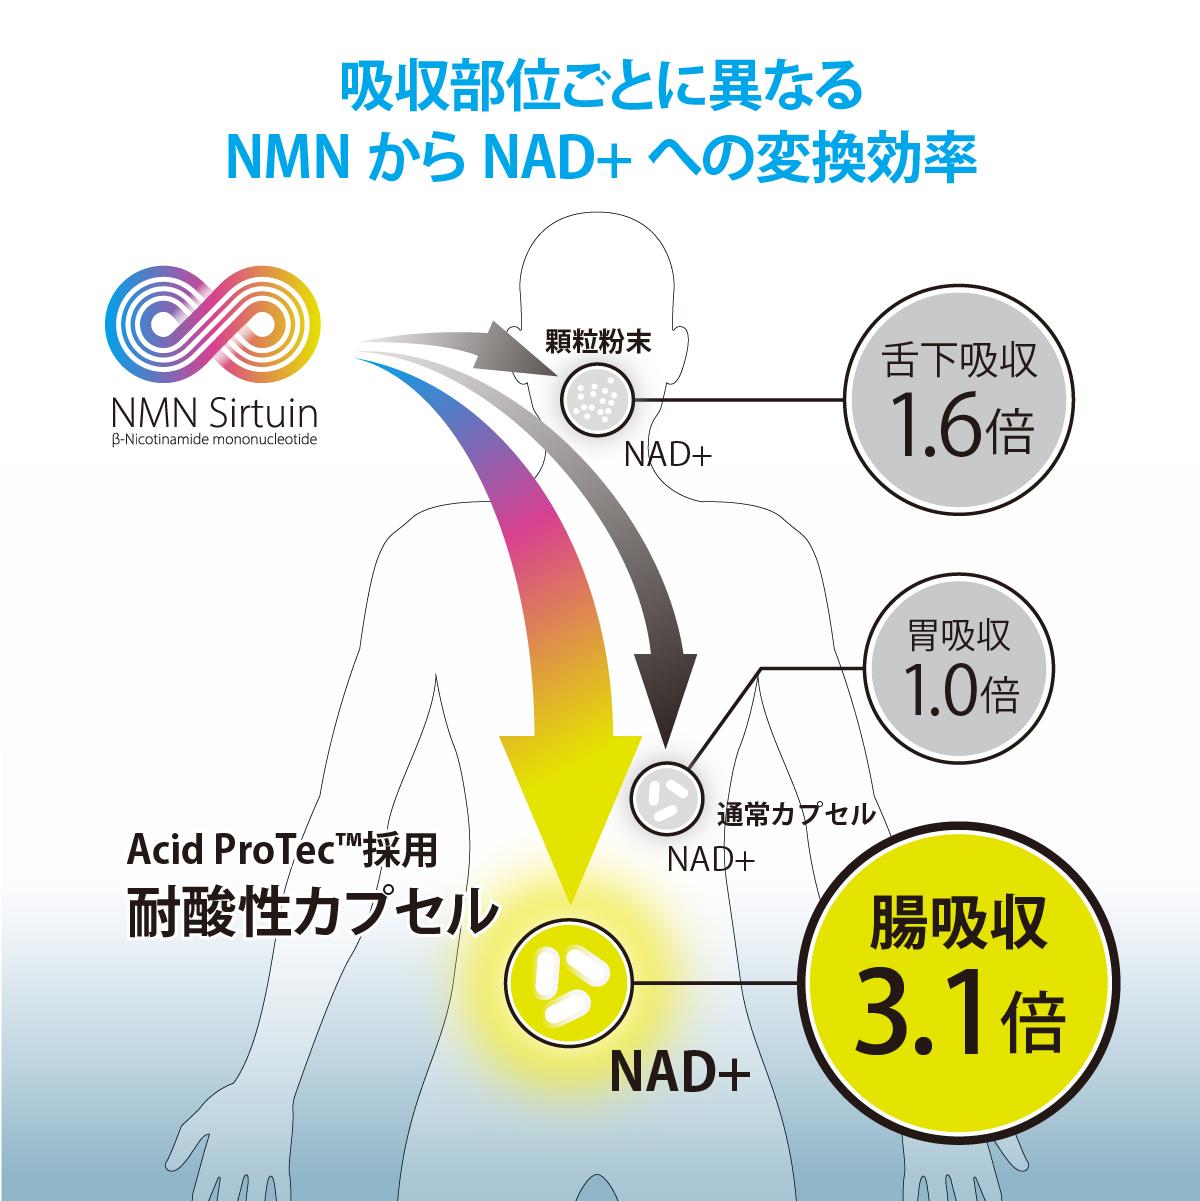 吸収部位ごとに異なるNMNからNAD+への変換効率